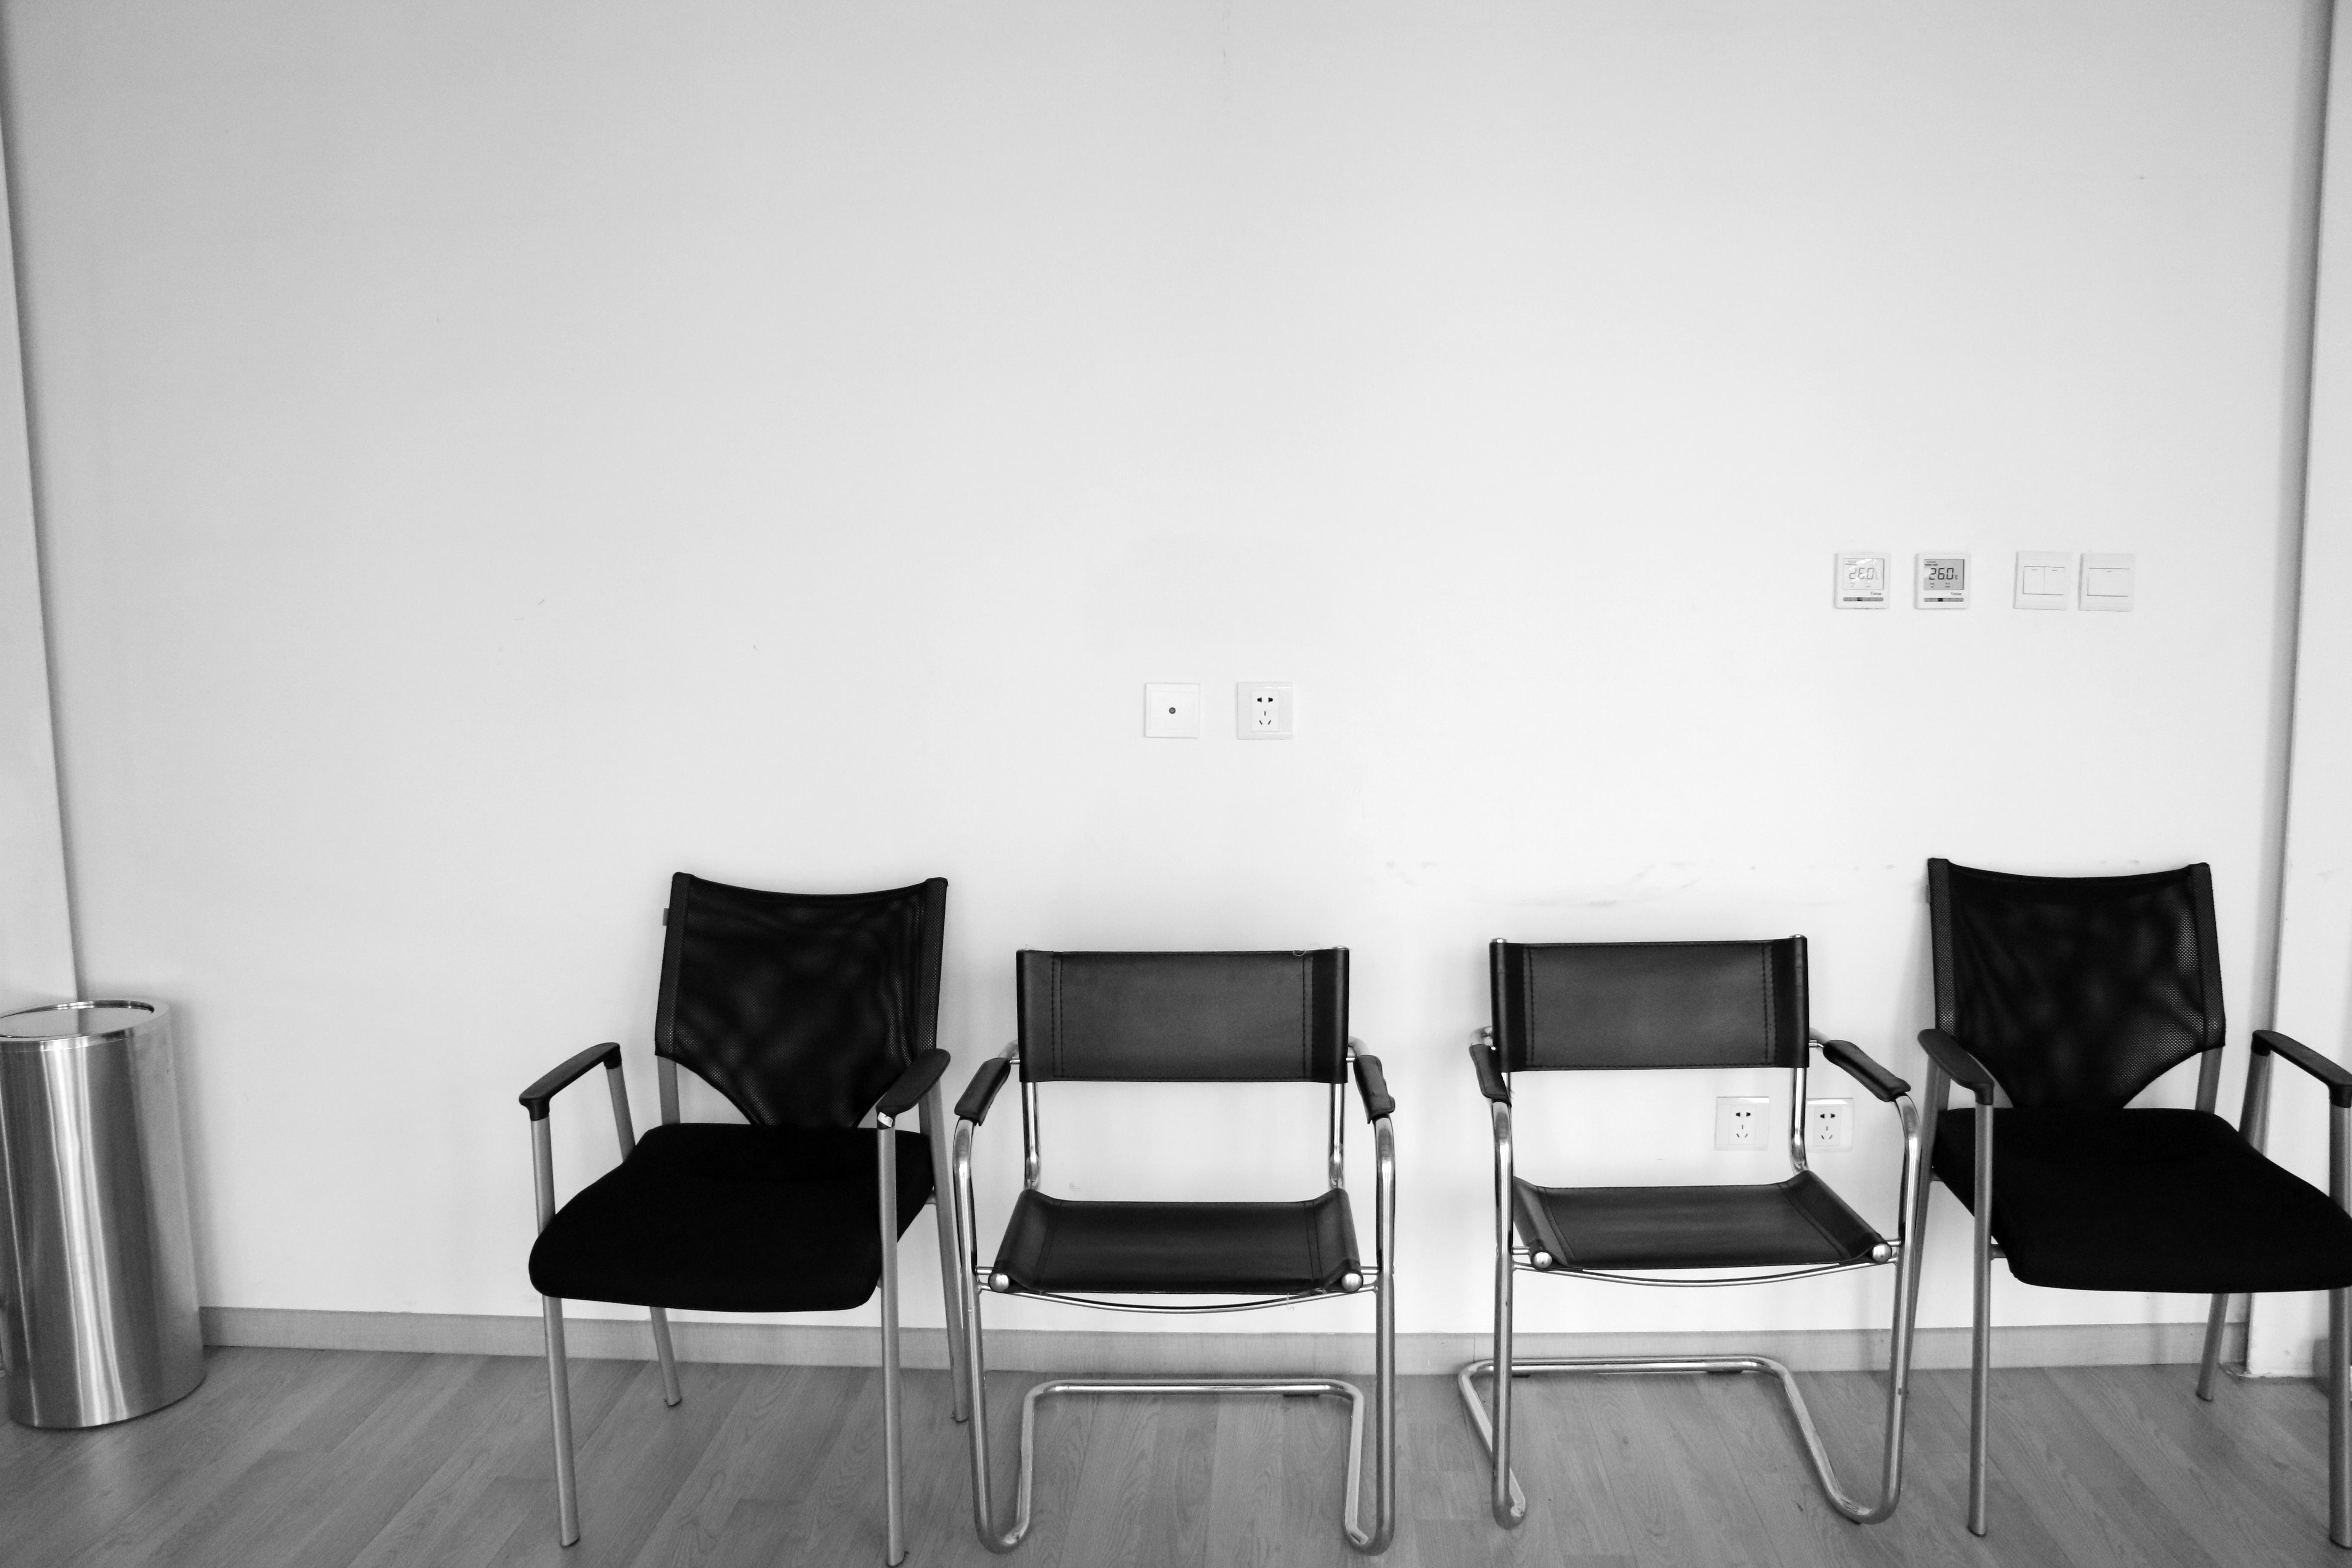 Gambar Hitam Dan Putih Rumah Kursi Milik Ruang Keluarga Mebel